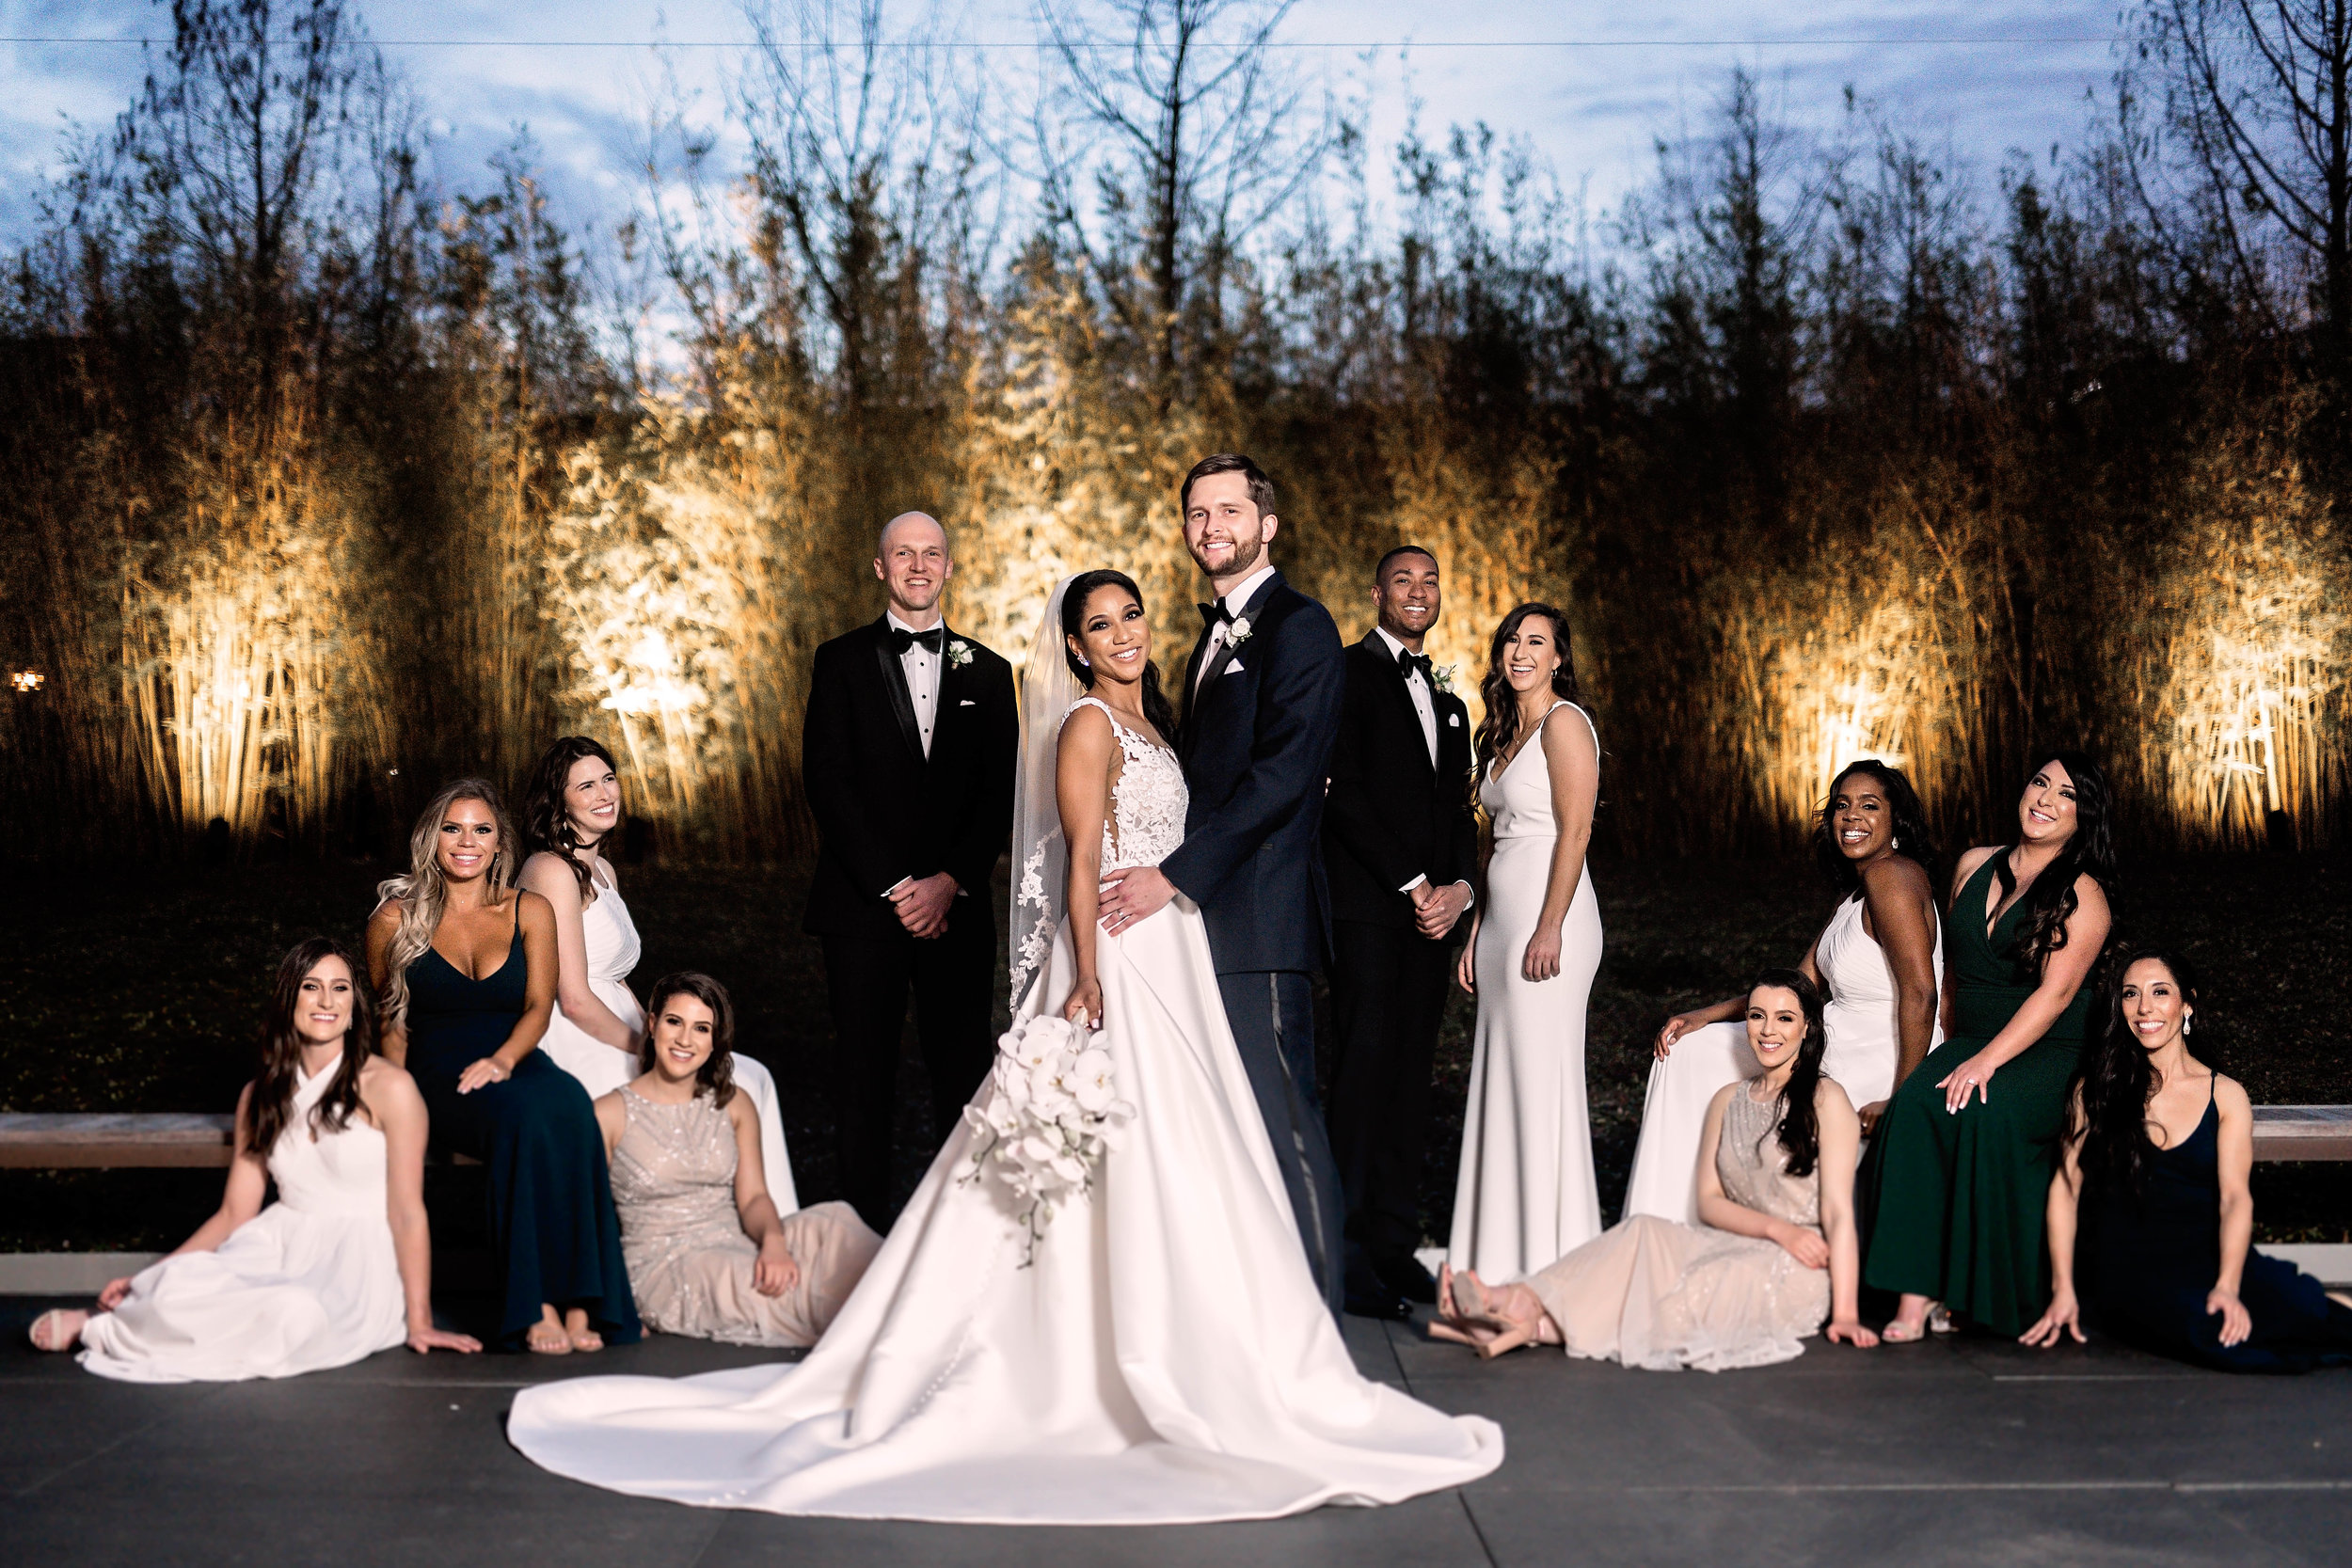 Houston Wedding- Pharris Photography- Ceremony- Natalie + Mark- Bridesmaids- Bridal Party